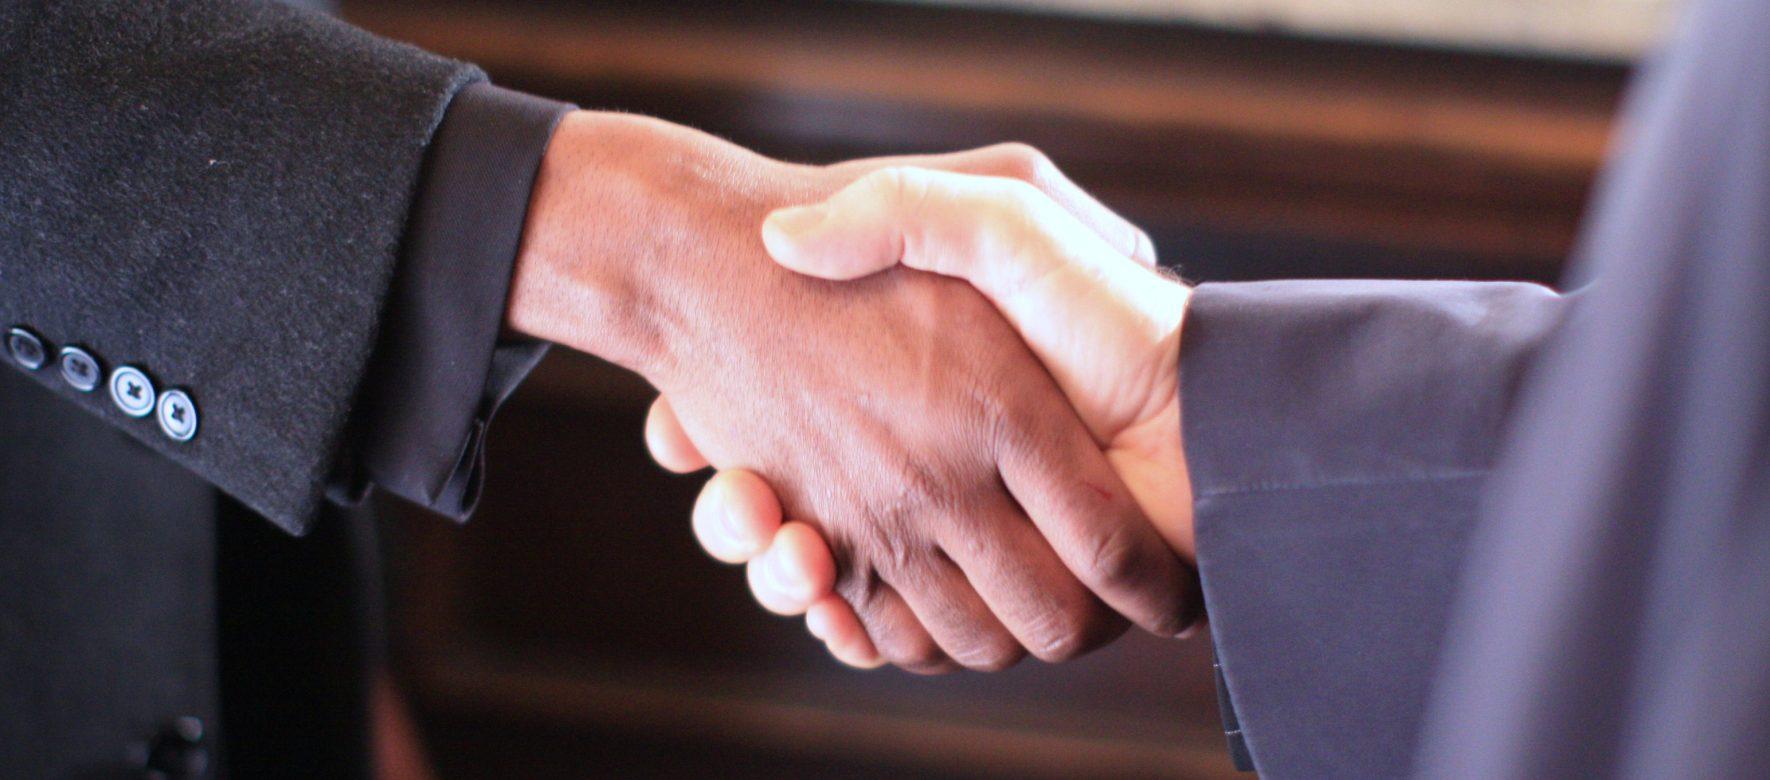 Maroc et la Chine renforcent leur partenariat dans le domaine énergétique.